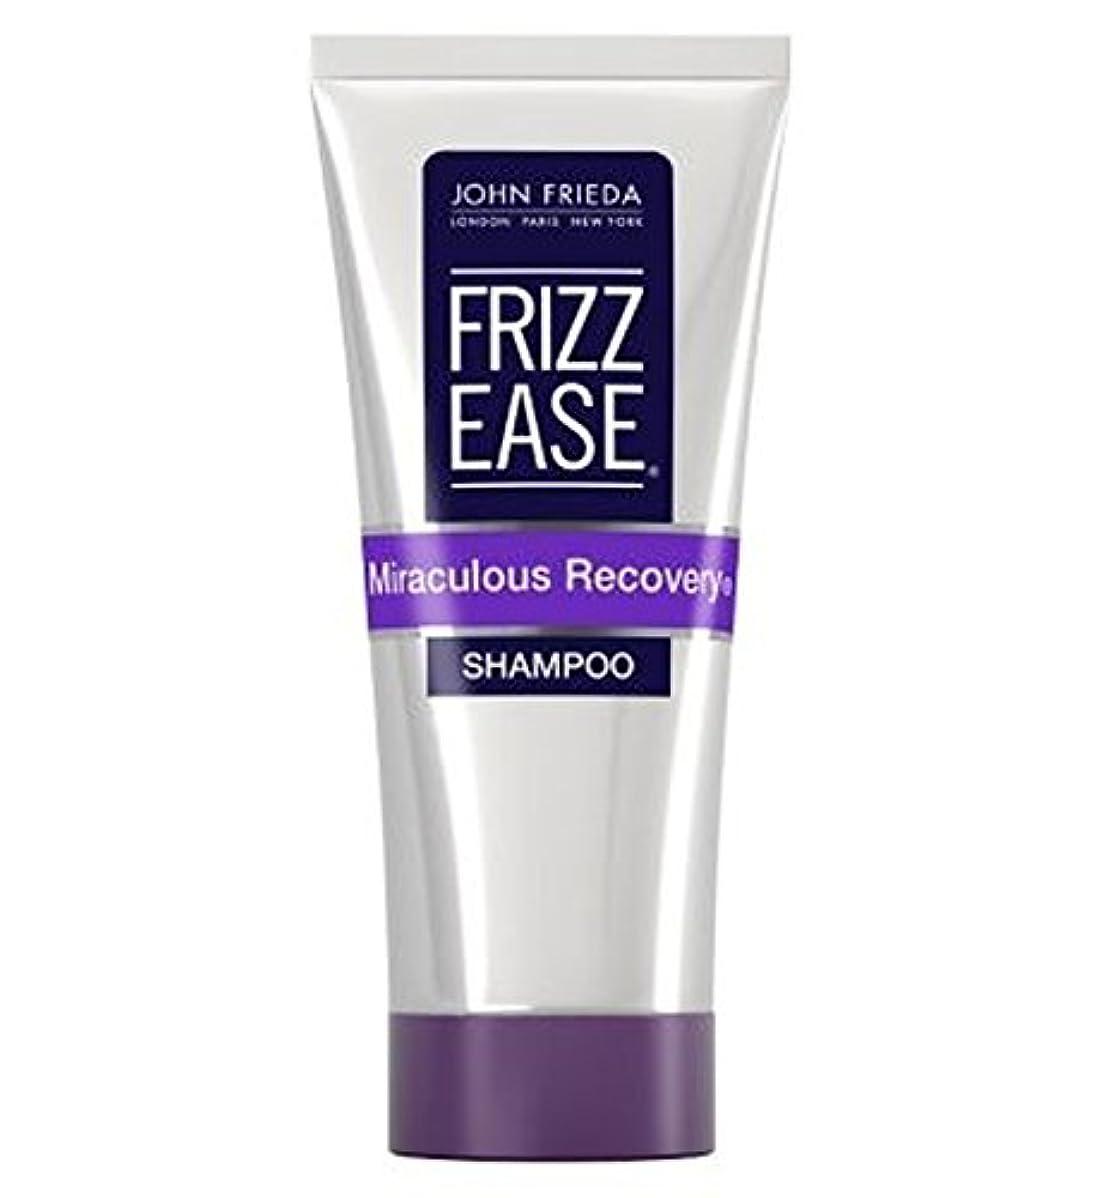 イースターながらサーフィンジョン?フリーダ縮れは、奇跡的な回復ミニシャンプー50ミリリットルを緩和します (John Frieda) (x2) - John Frieda Frizz Ease Miraculous Recovery mini shampoo 50ml (Pack of 2) [並行輸入品]